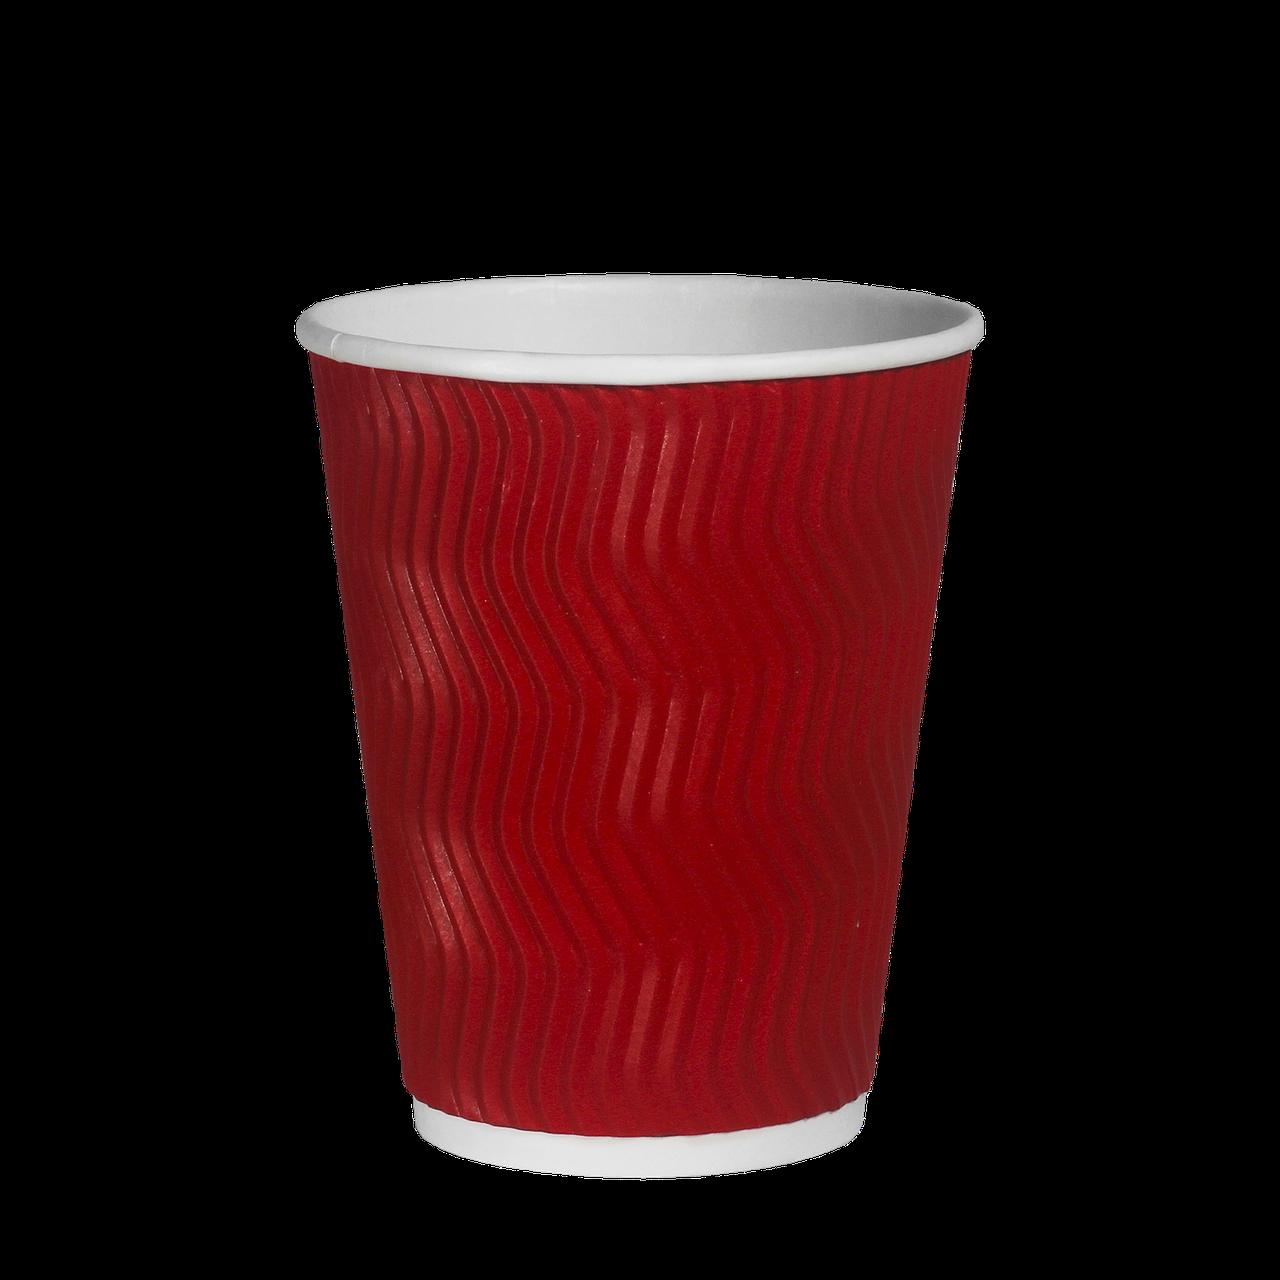 Продукция для кофейни от https://petrovka-horeca.com.ua/